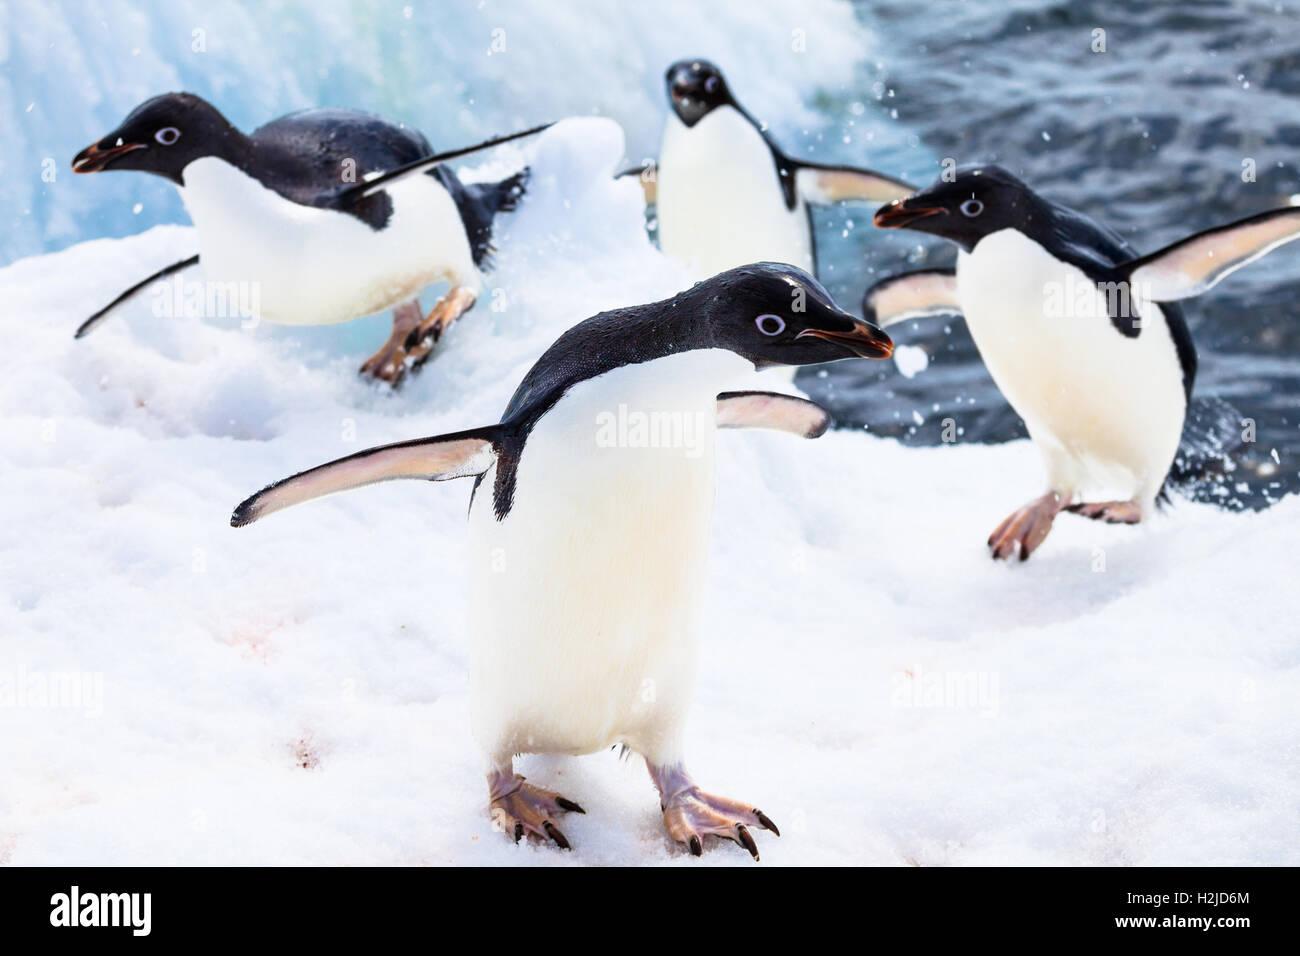 Mehreren Adelie-Pinguine, wieder aus dem Wasser springt heraus auf den Schnee, Antarktis Stockbild